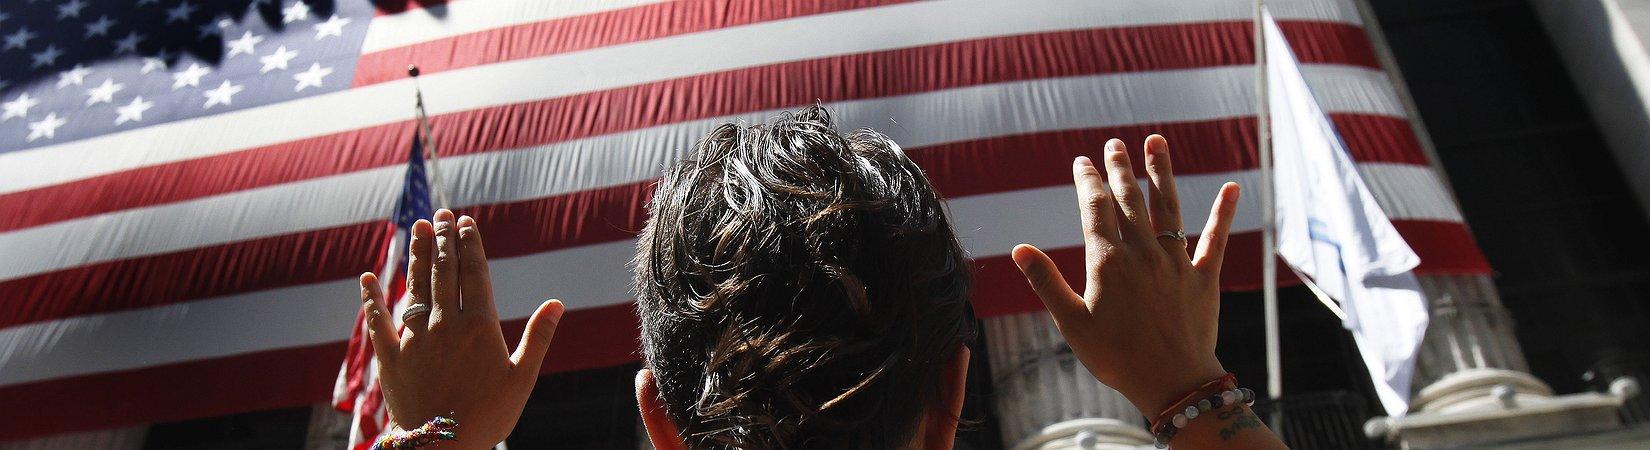 البورصة الأمريكية: 5 أسباب للقلق